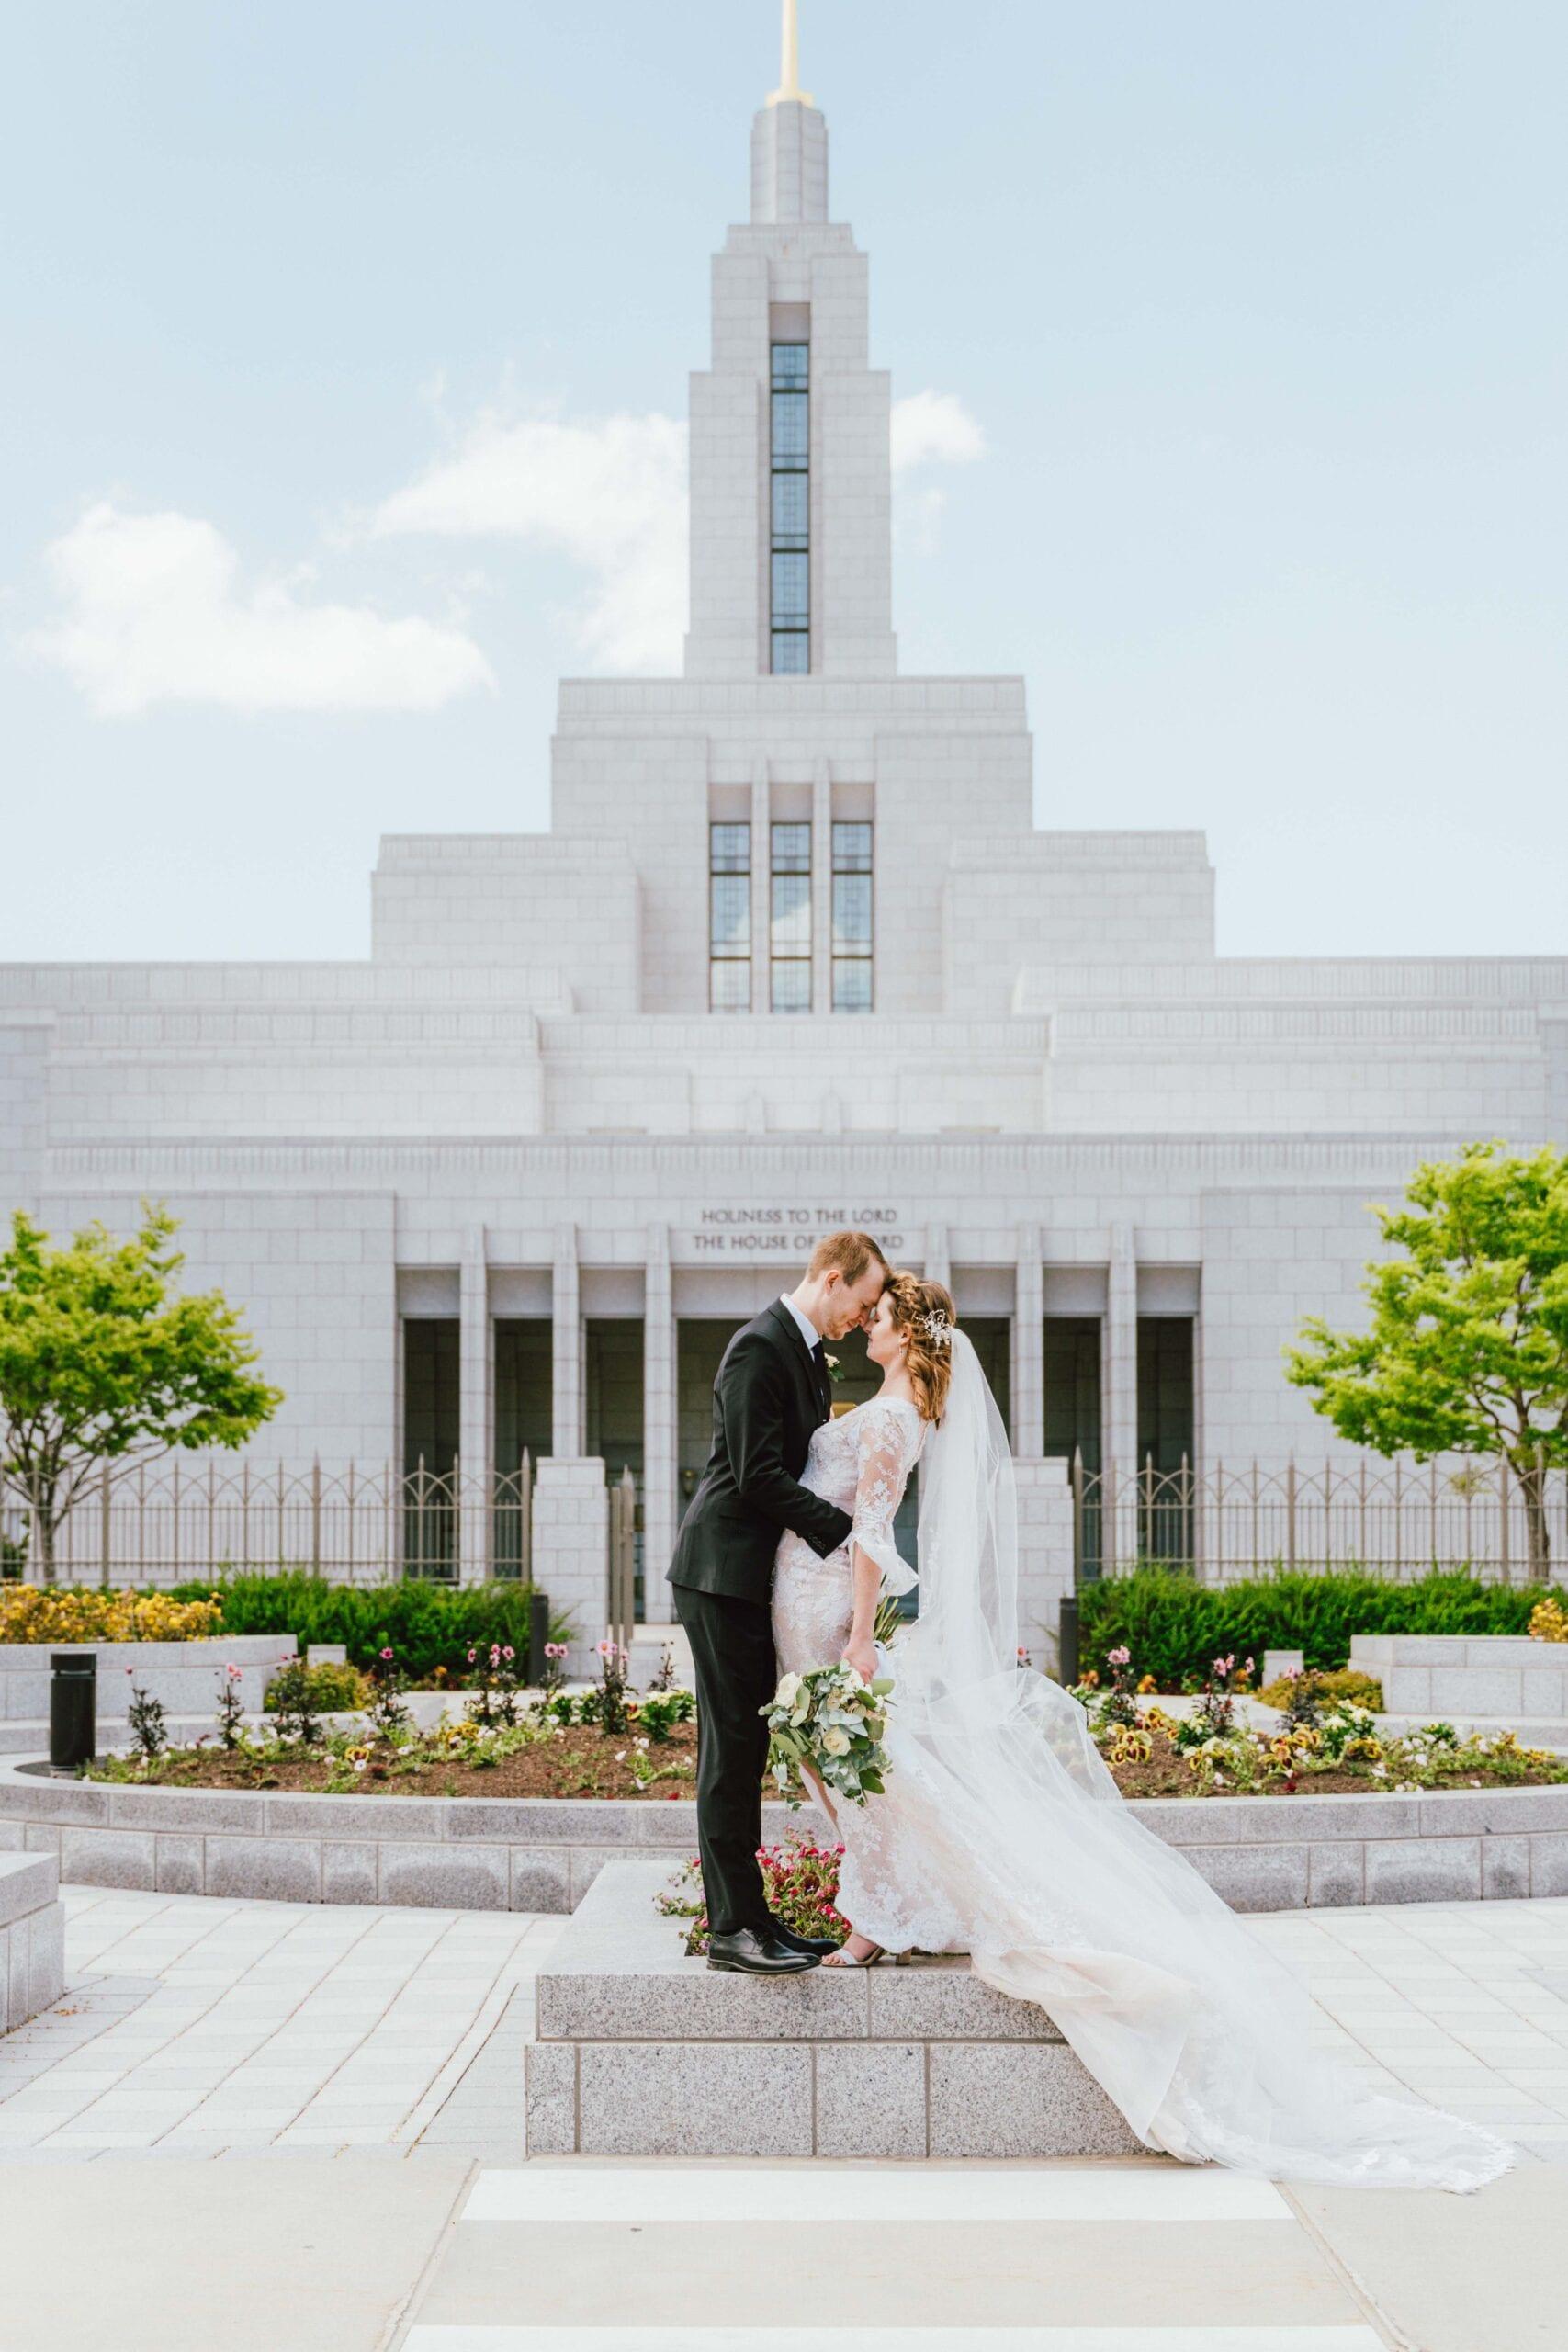 draper utah temple wedding